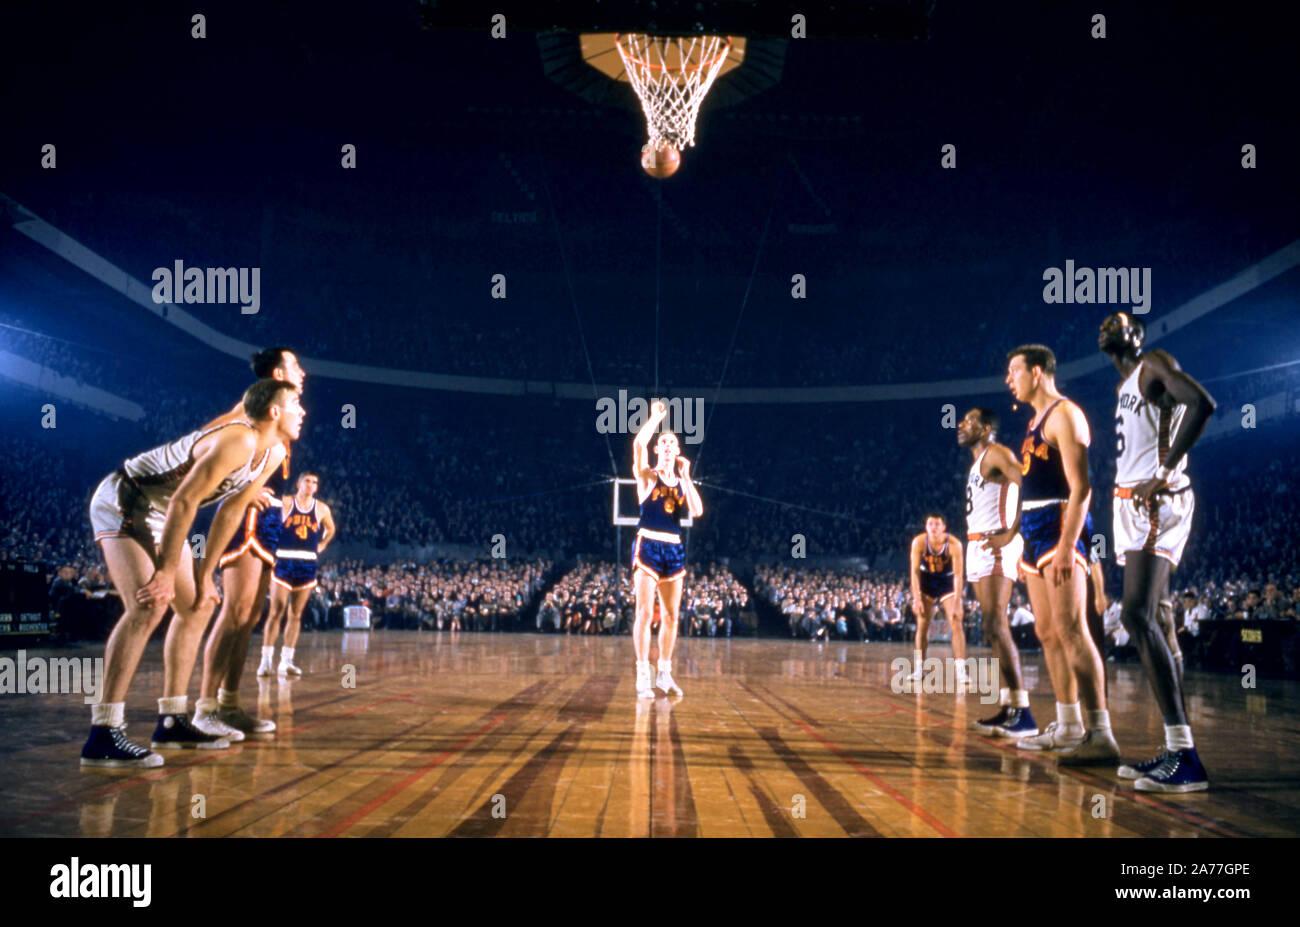 NEW YORK, NY - 27 de diciembre: Neil Johnston #6 de los Philadelphia Warriors dispara su franco como Harry Gallatin #11, Walter Dukes #6 y Nat Clifton #8 de los Knicks de Nueva York junto con Paul Arizin Joe Graboski #11 y #9 de los Guerreros espere en la tecla durante un partido de la NBA el 27 de diciembre de 1955 en el Madison Square Garden de Nueva York, Nueva York. (Foto por Hy Peskin) (número de registro: X3349) Foto de stock